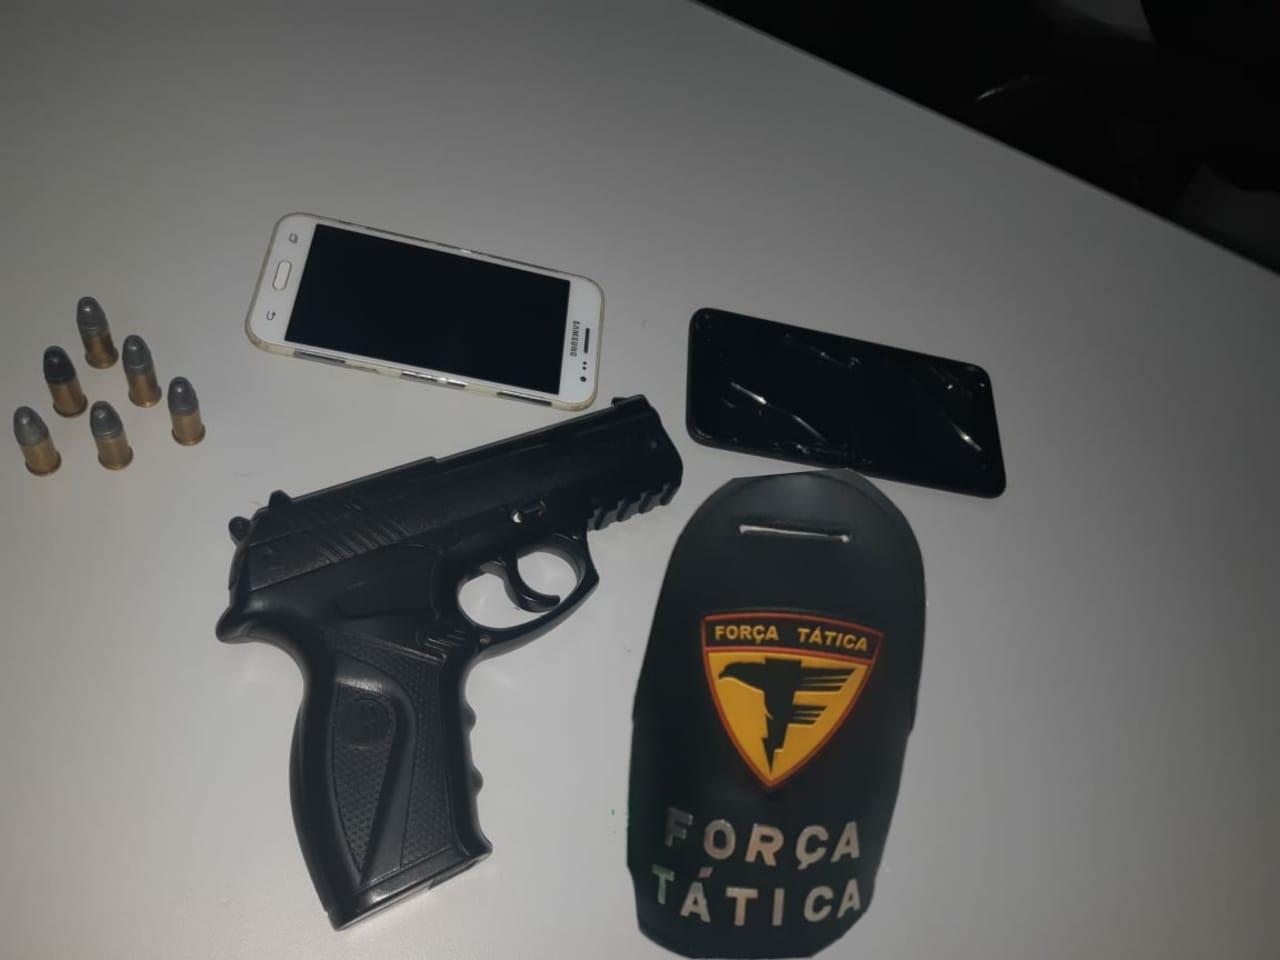 Polícia Militar, em conjunto com a Polícia Civil, evita roubo e prende suspeitos em Paraíso